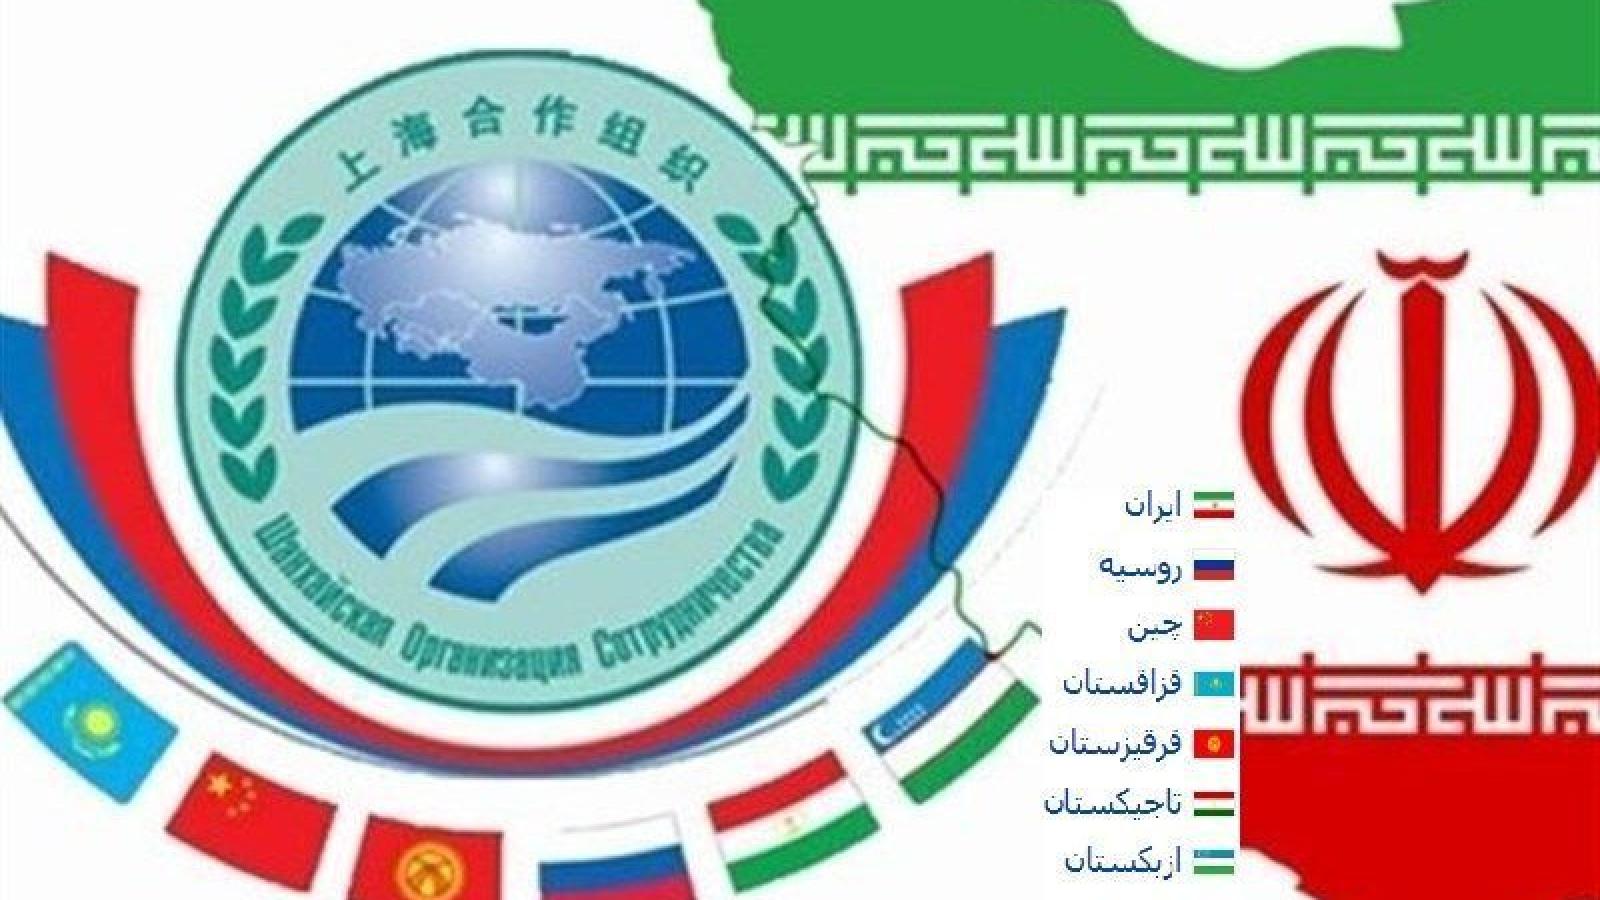 Thành viên SCO là tương lai tươi sáng cho Iran